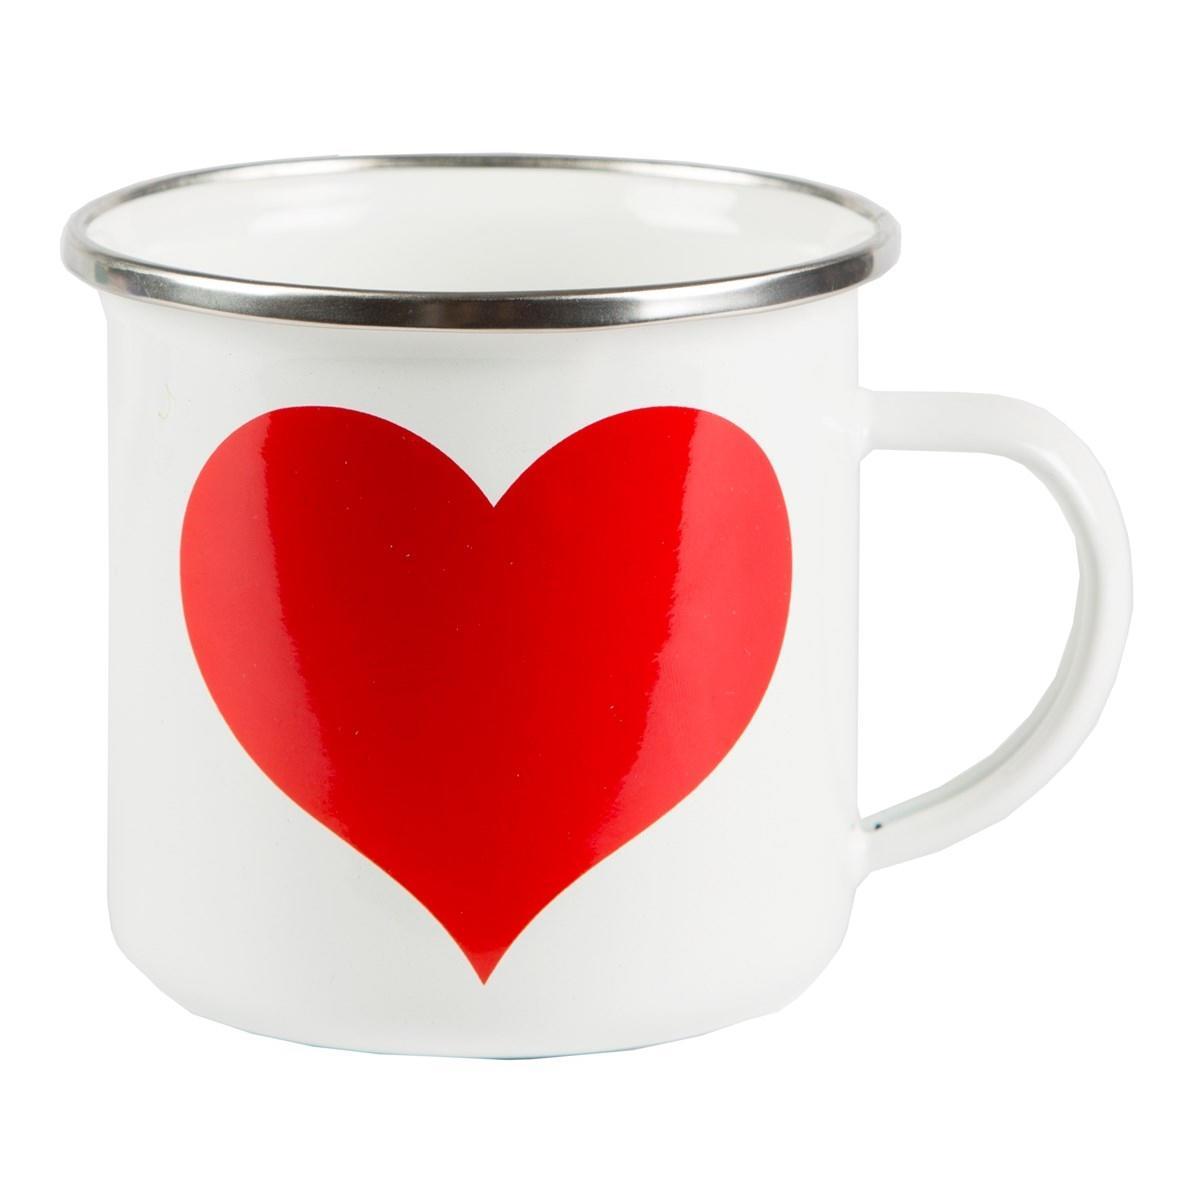 sass & belle Smaltovaný hrníček Heart, červená barva, bílá barva, smalt